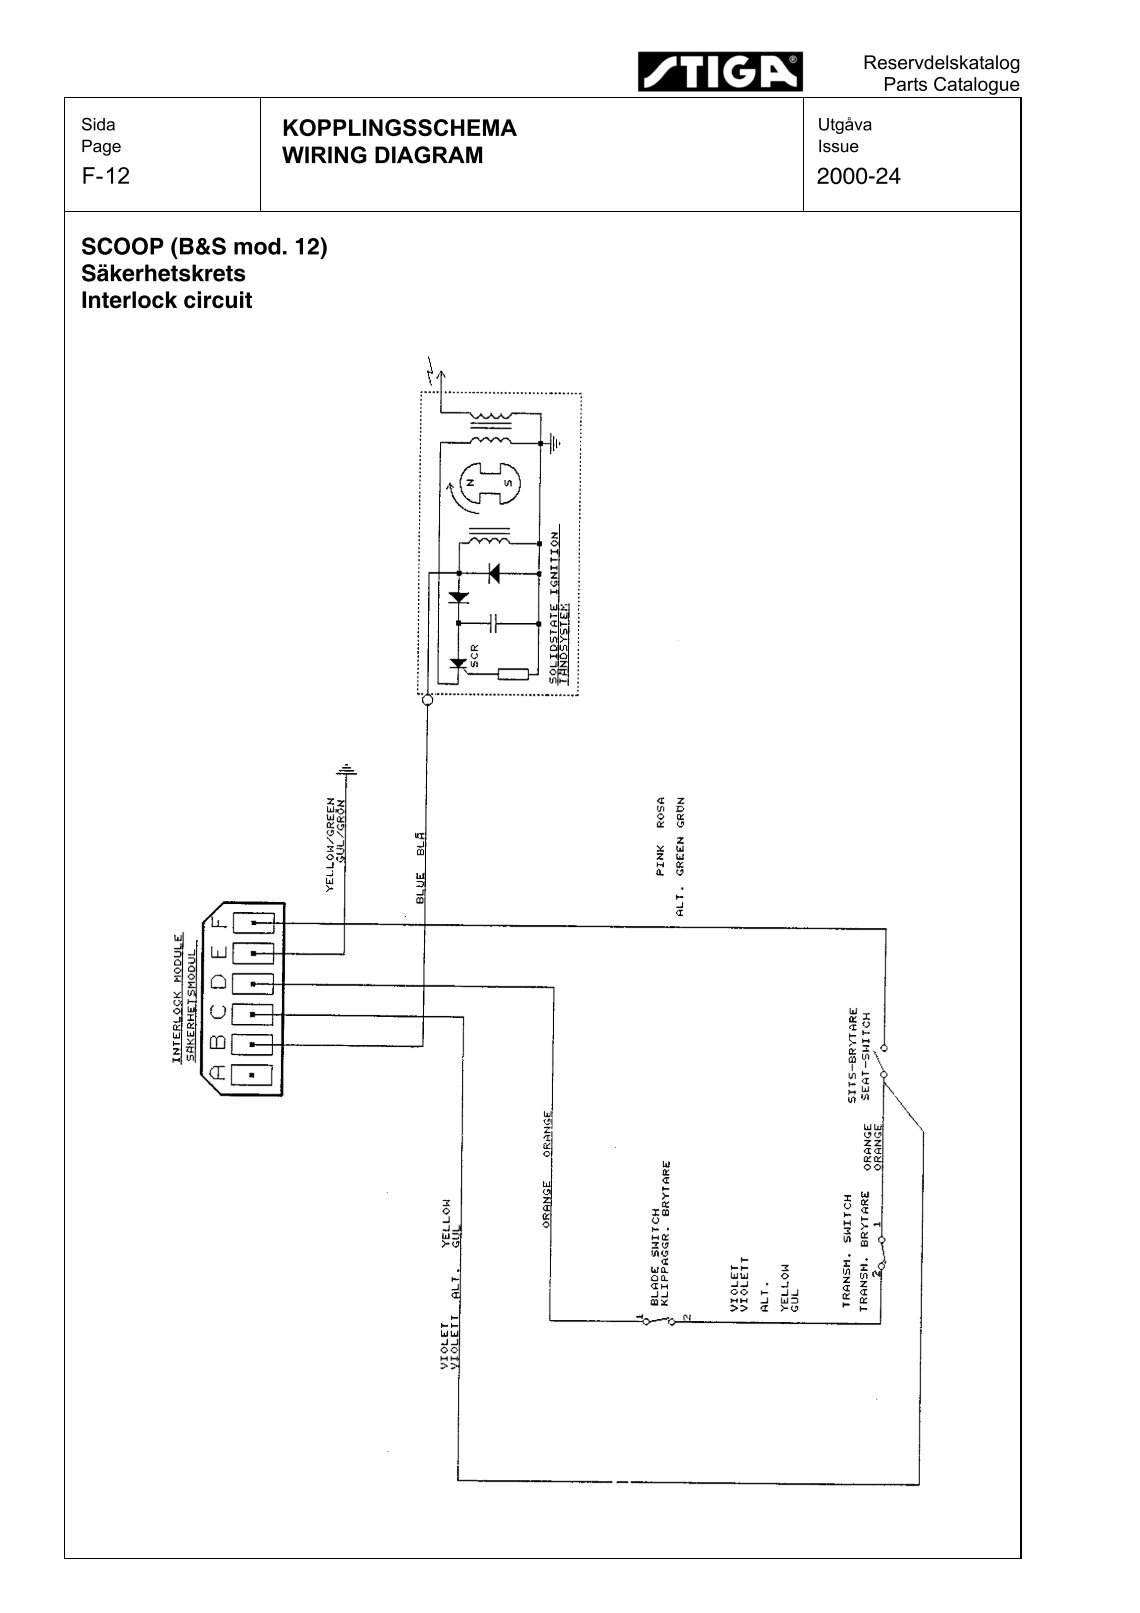 kubota rtv 1140 wiring diagram